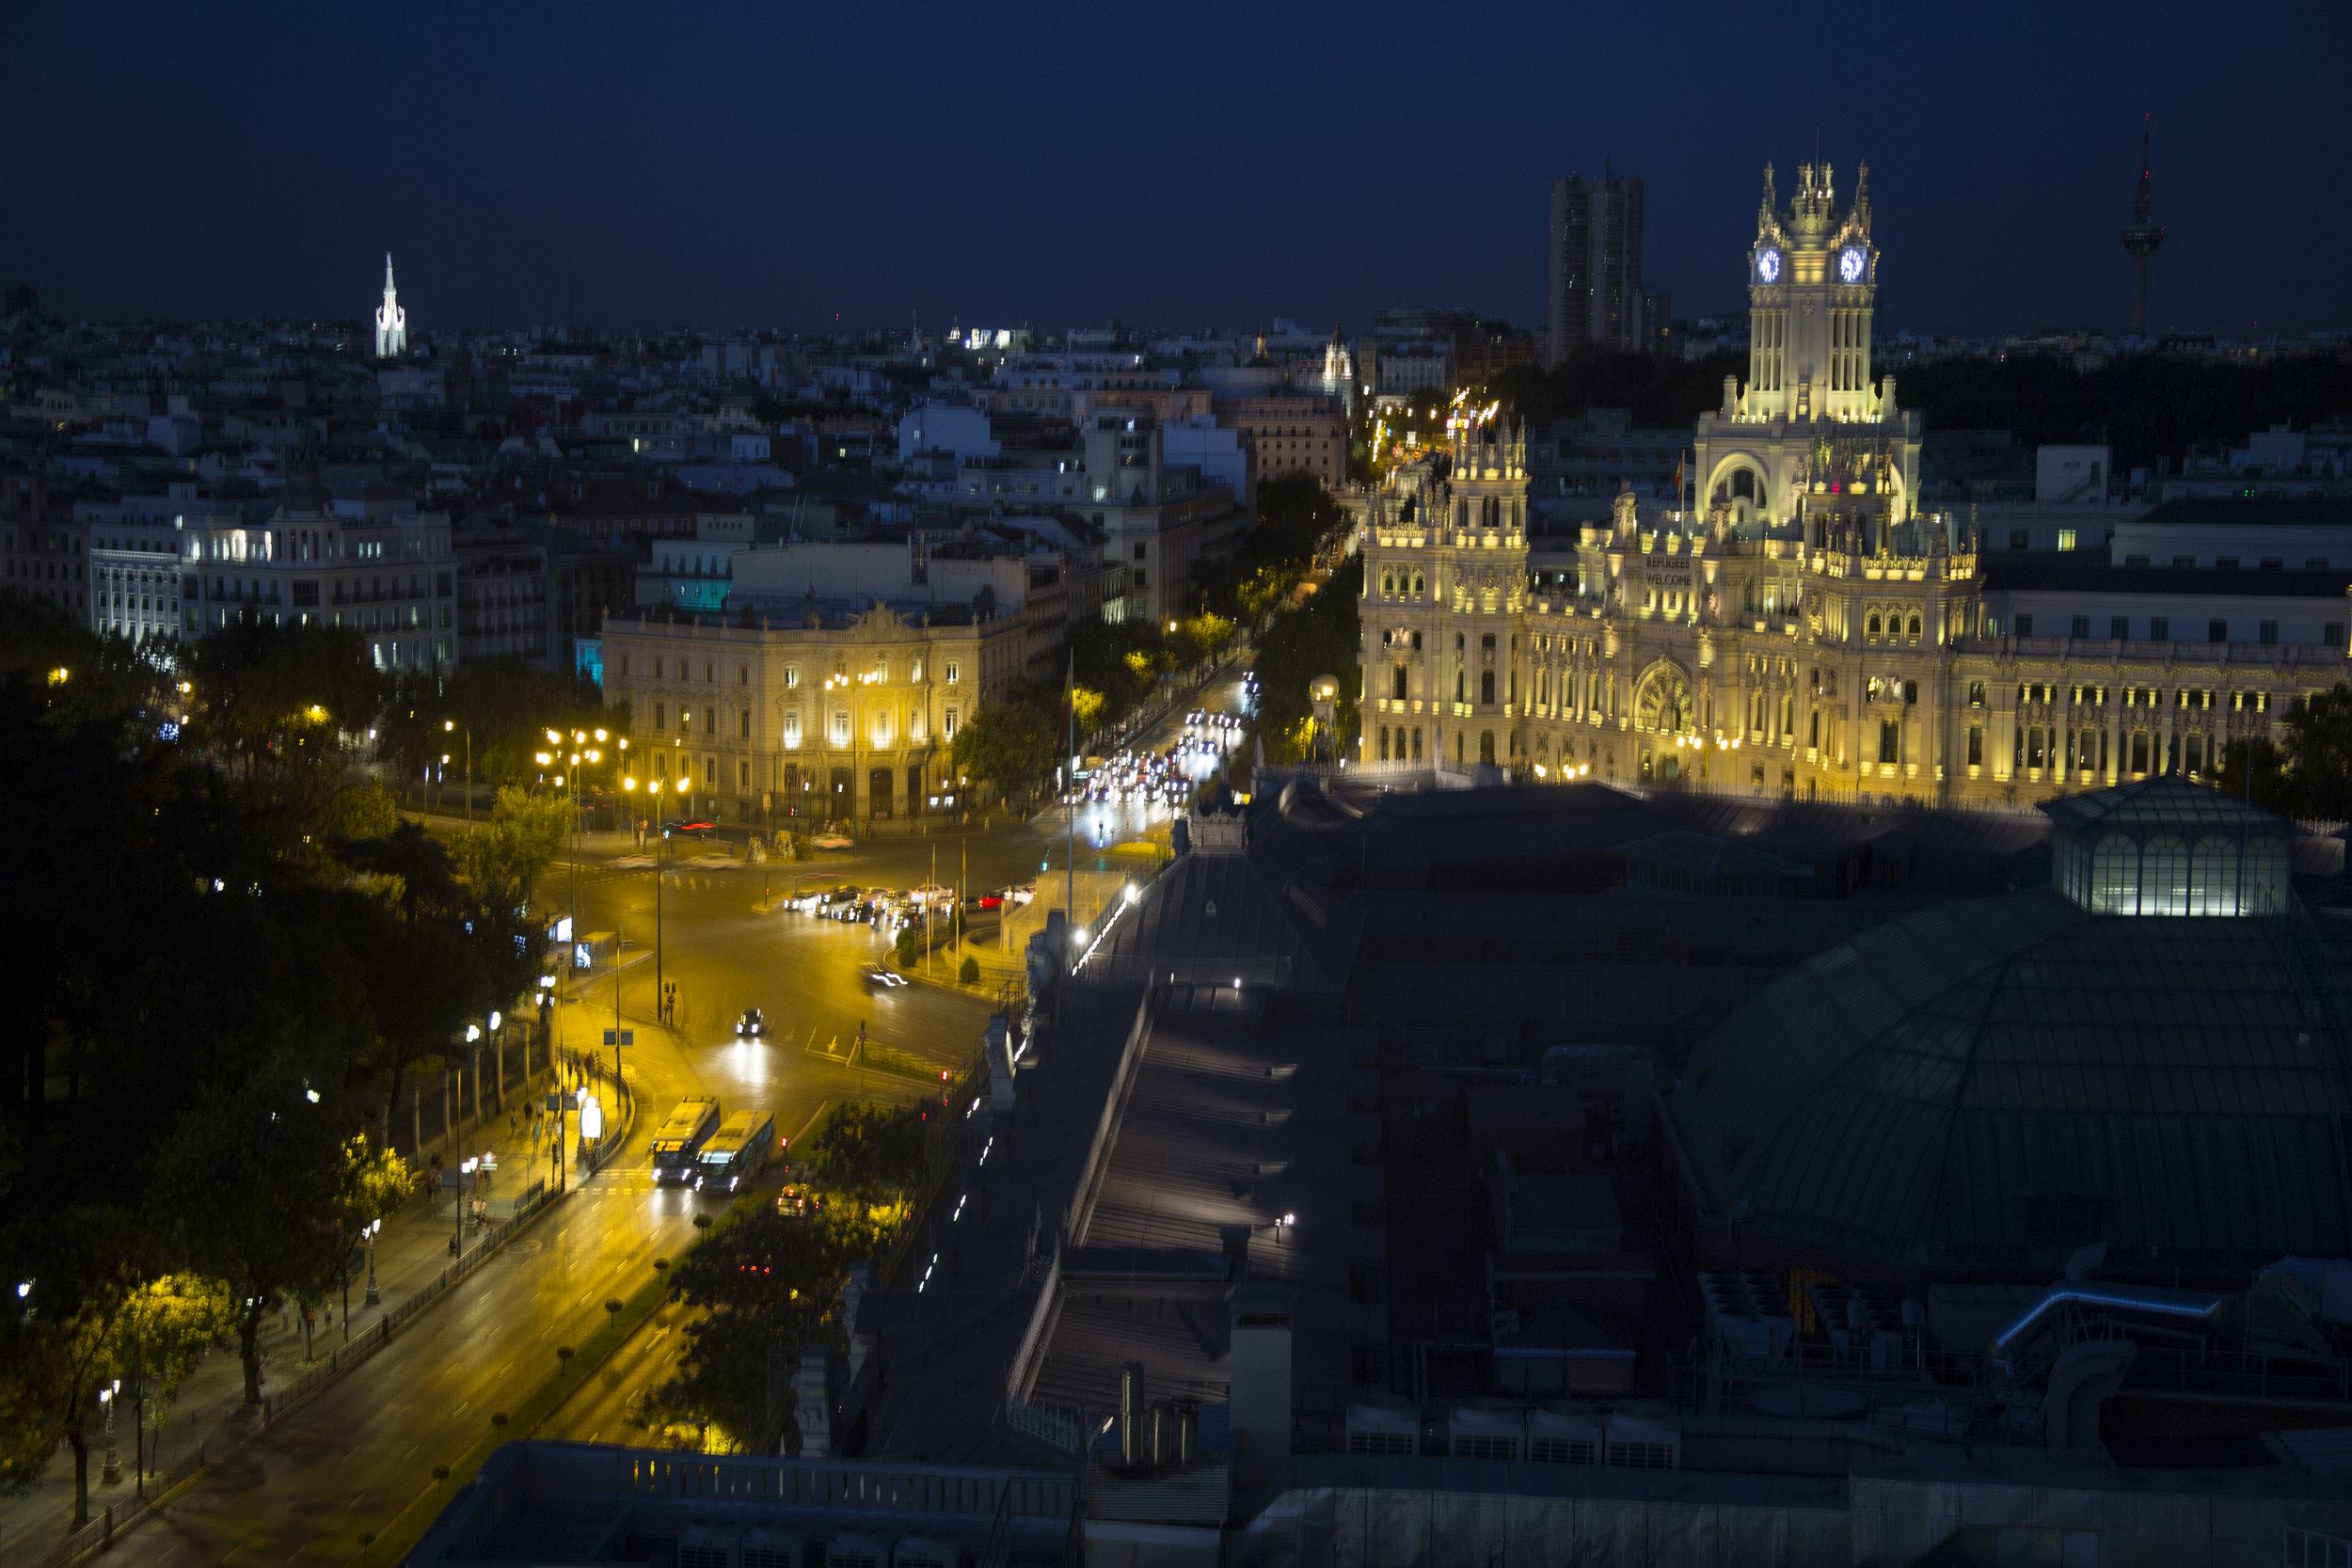 MADRID - 8.22.16